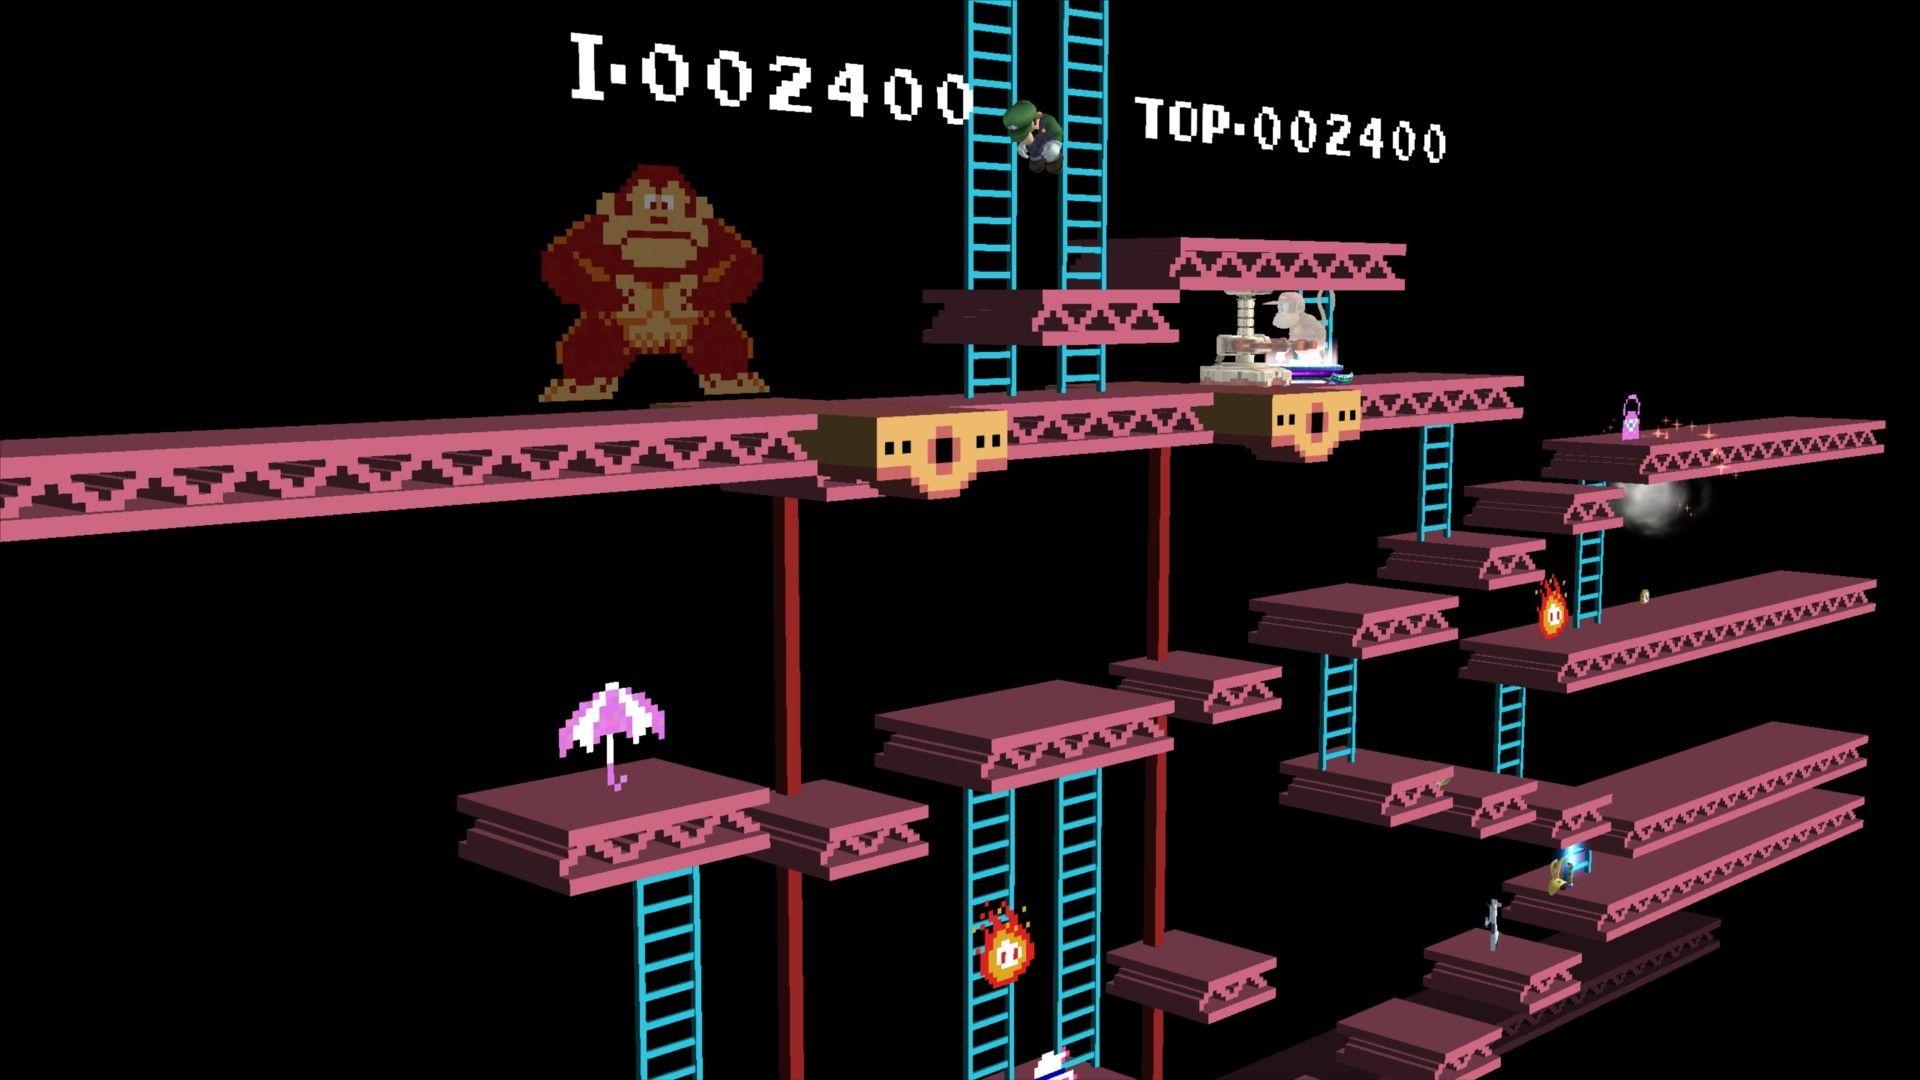 Cool Wallpaper Home Screen Donkey Kong - 9c6a1b365ad1c85c44d43d74b25e48b8  Pic_549314.jpg